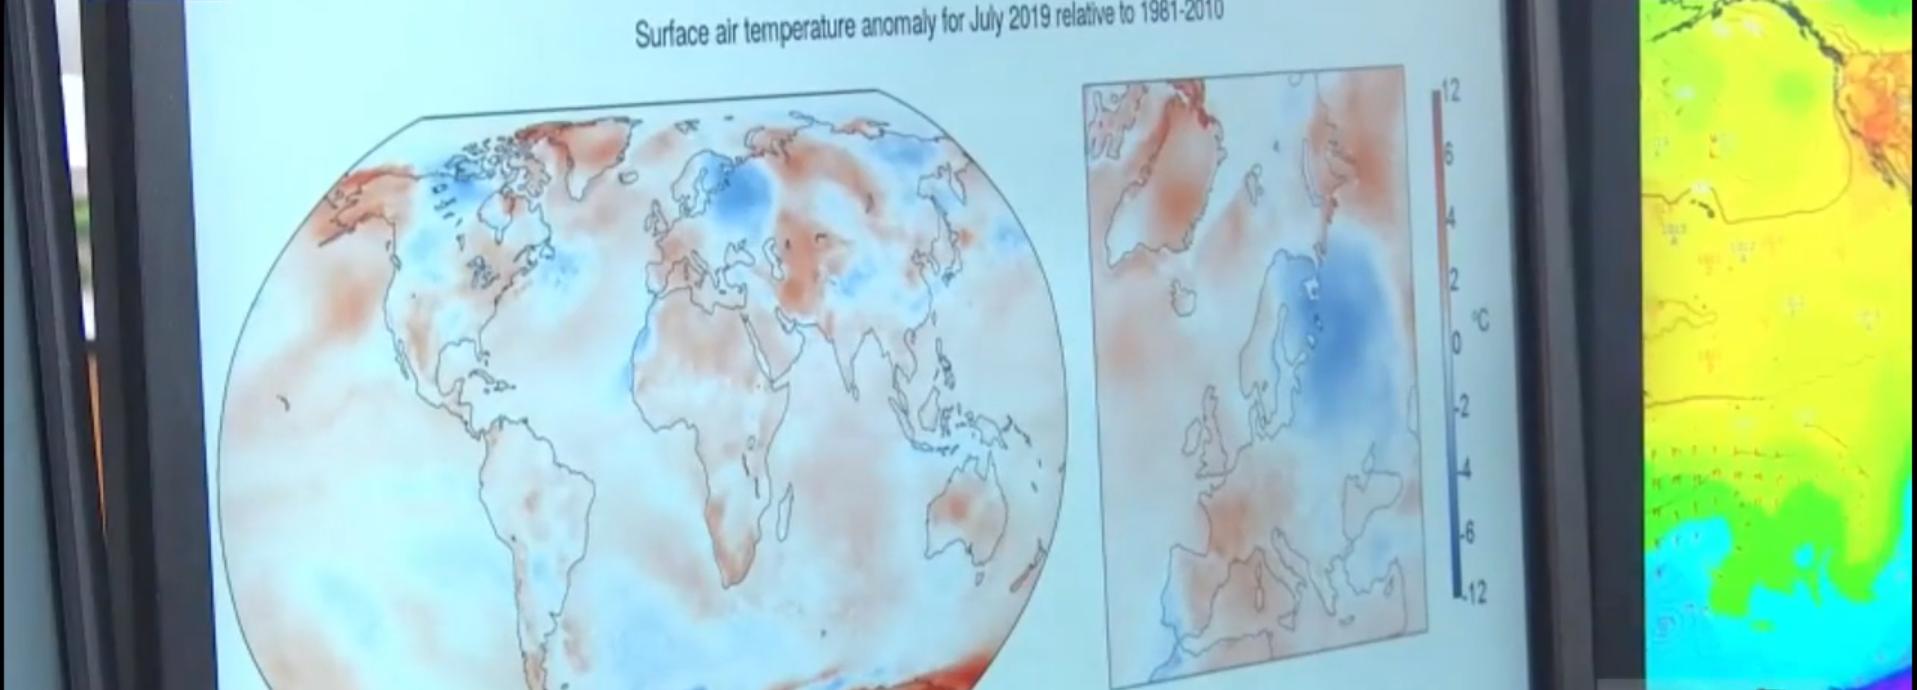 Juillet 2019 : mois le plus chaud jamais enregistré sur la planète